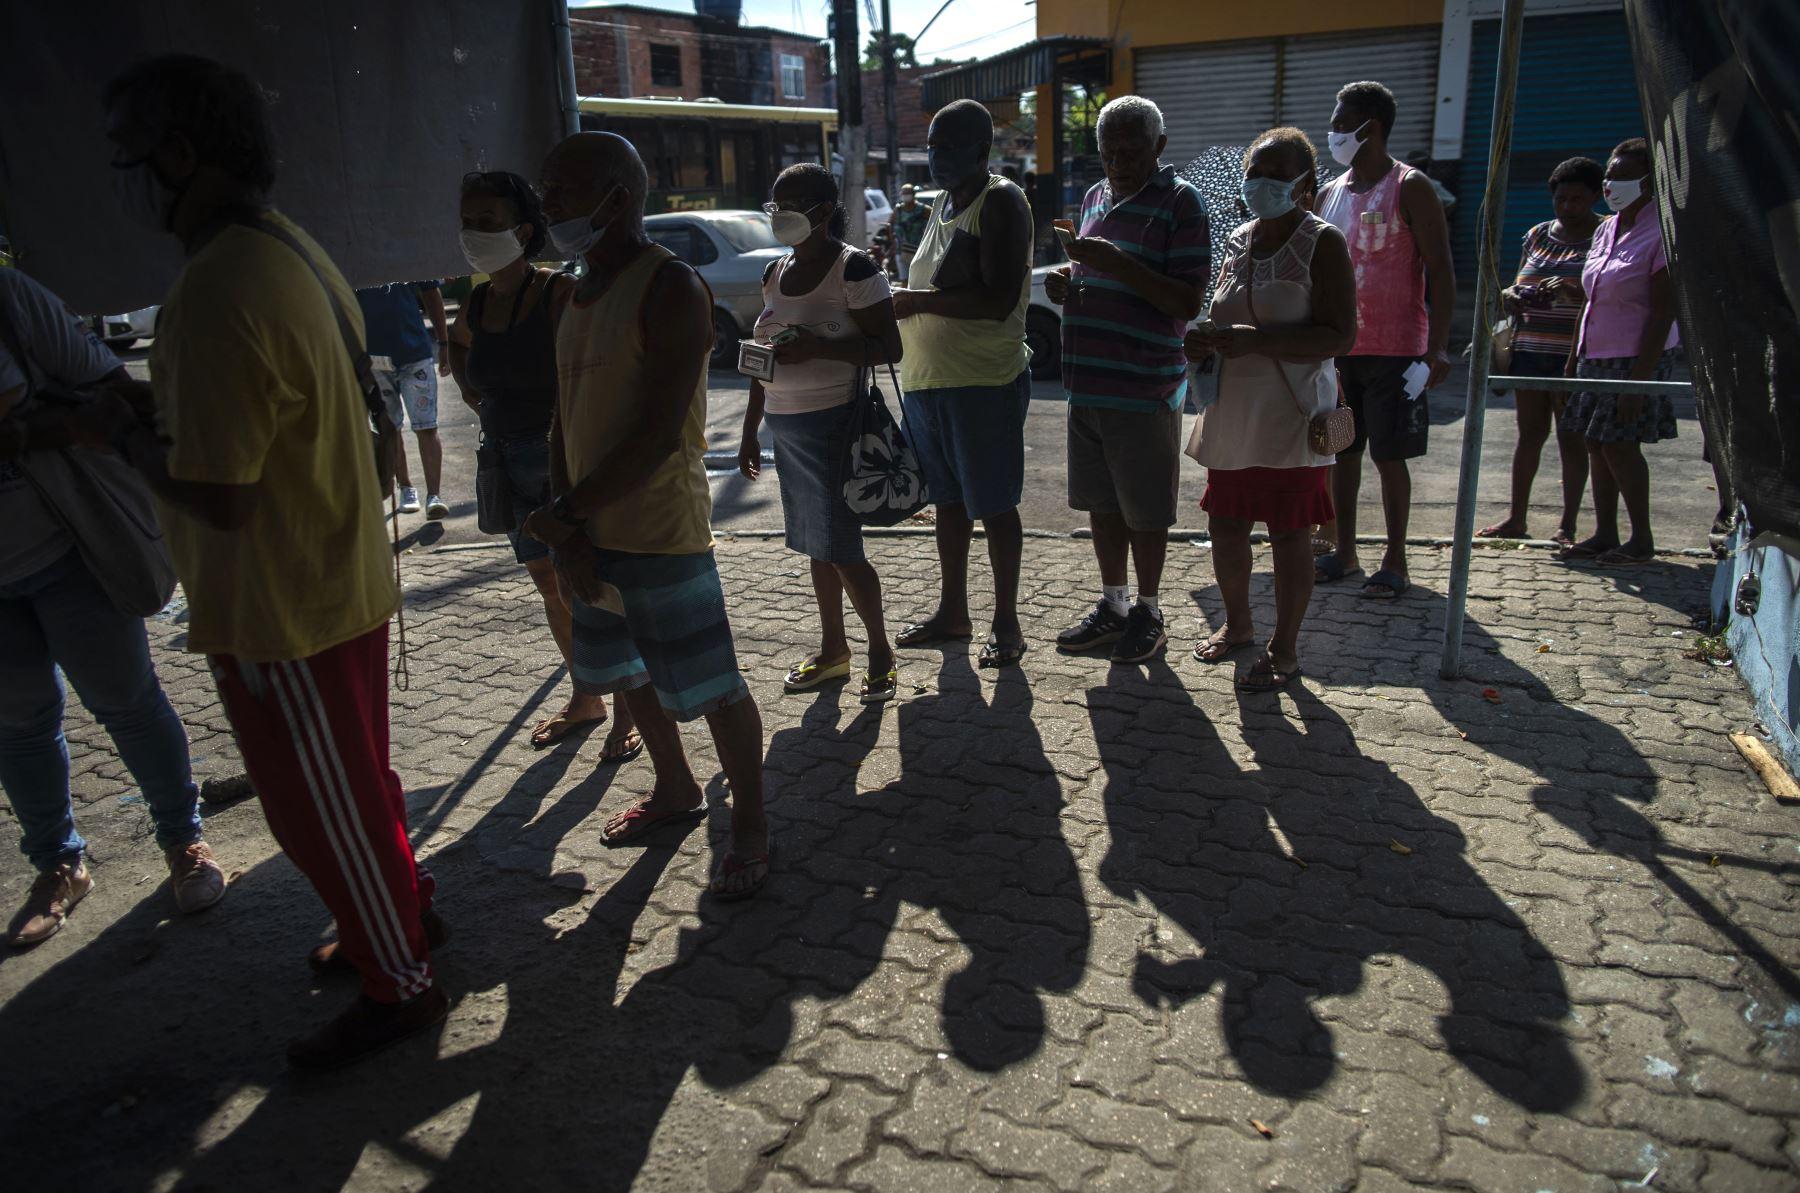 Personas con mascarillas hacen cola para recibir una dosis de la vacuna de covid-19 en un centro de vacunación en la plaza Cangulo, barrio Saracuruna, en Duque de Caxias, estado de Río de Janeiro, Brasil. Foto: AFP